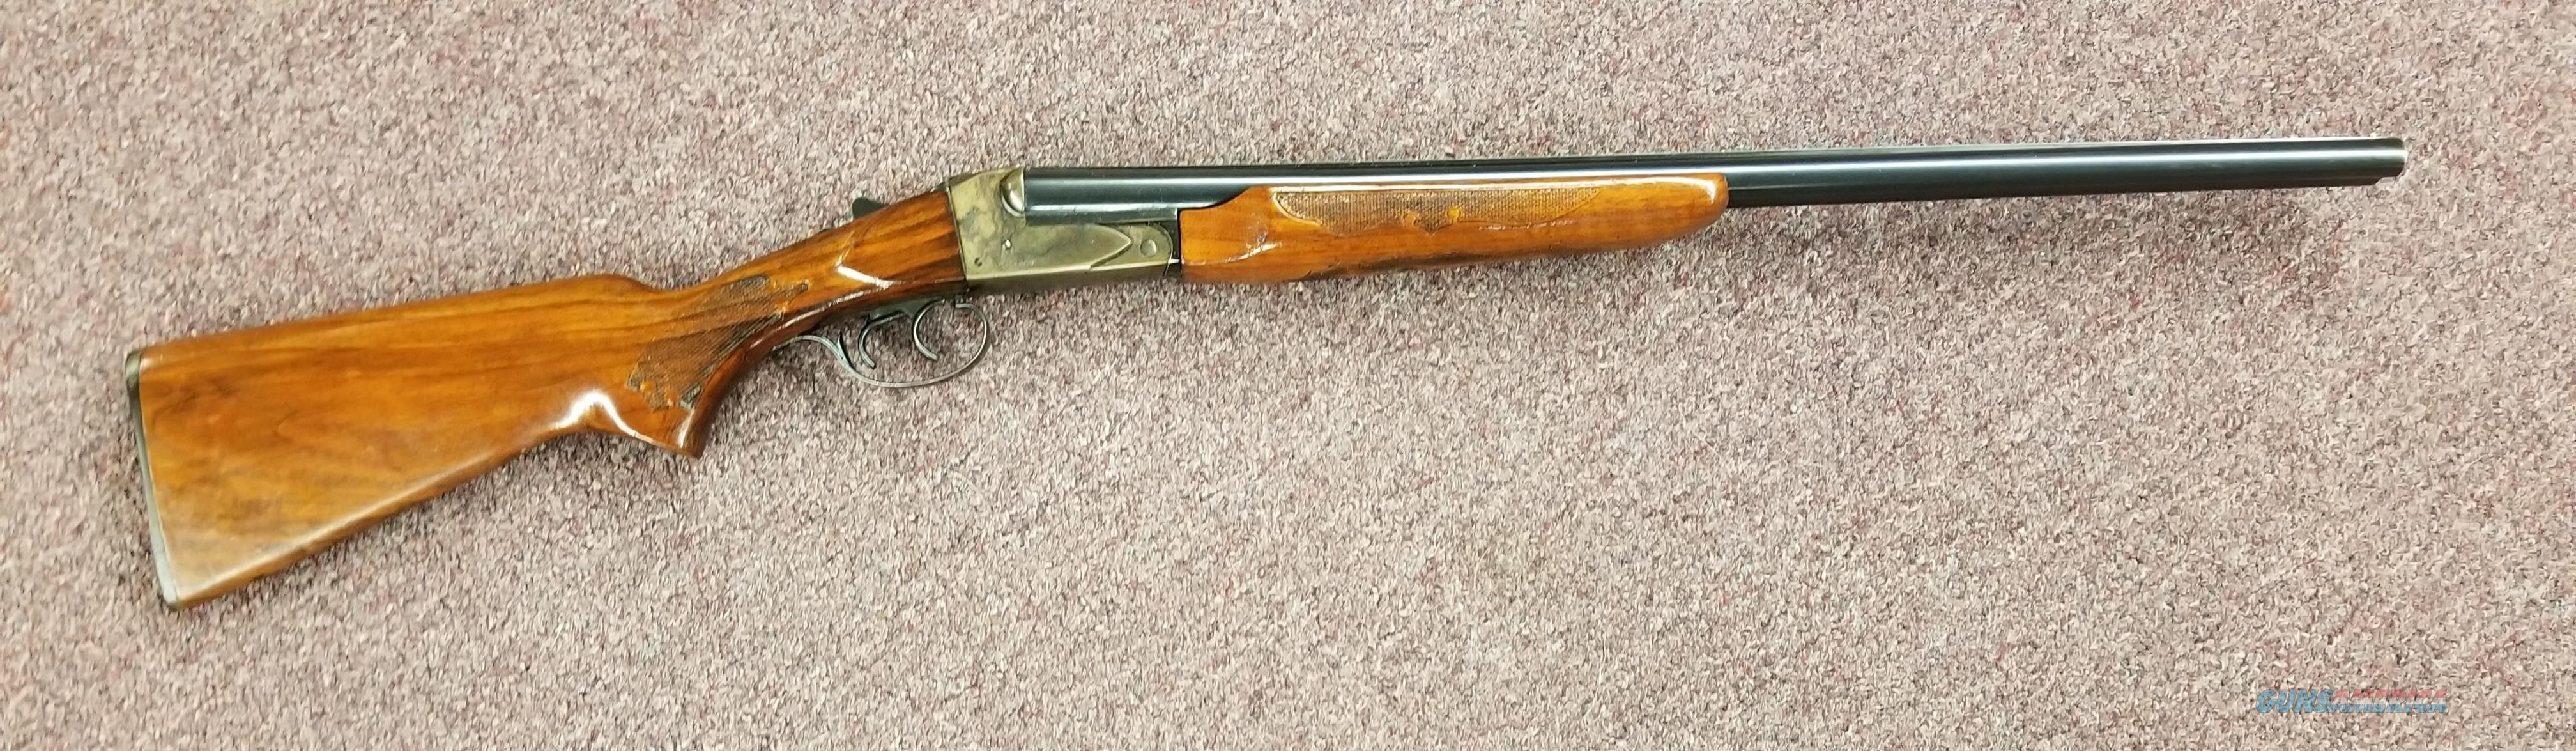 Savage Fox B - Series H - 20 Gauge - Double Barrel - Free Shipping !  Guns > Shotguns > Savage Shotguns